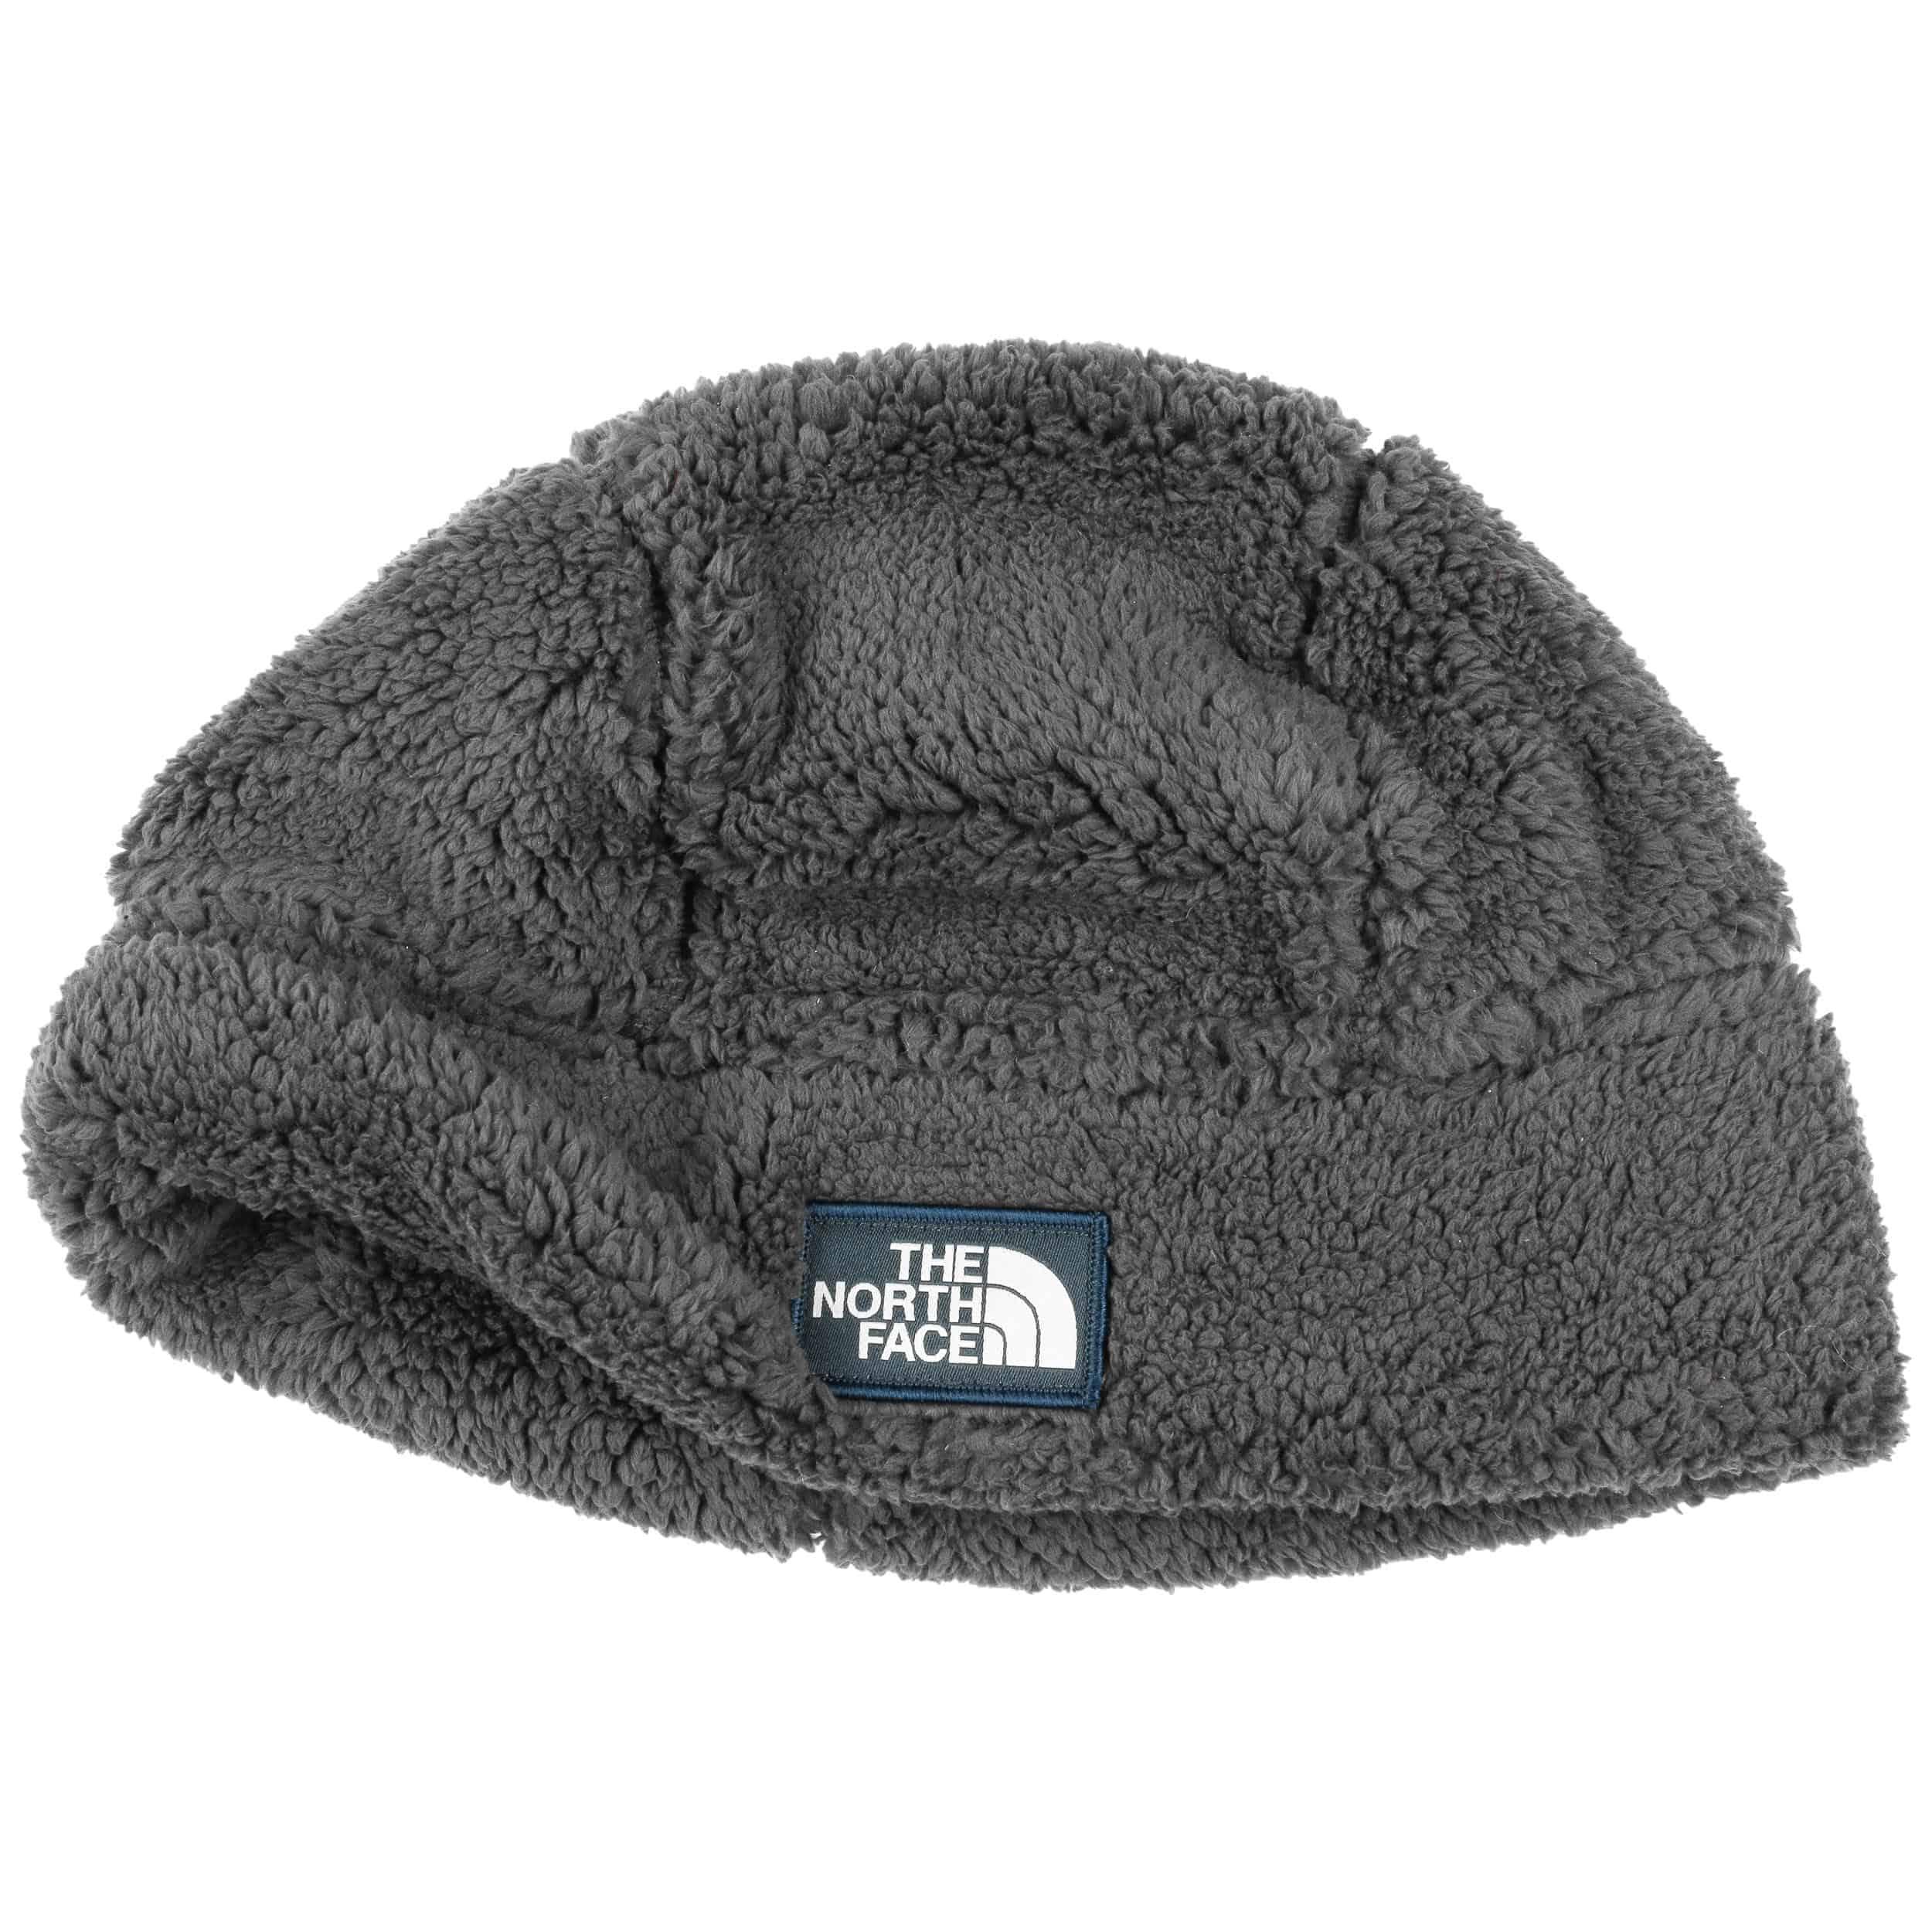 ... Bonnet en Polaire Campshire by The North Face - noir 1 ... 5a46007c4f6f